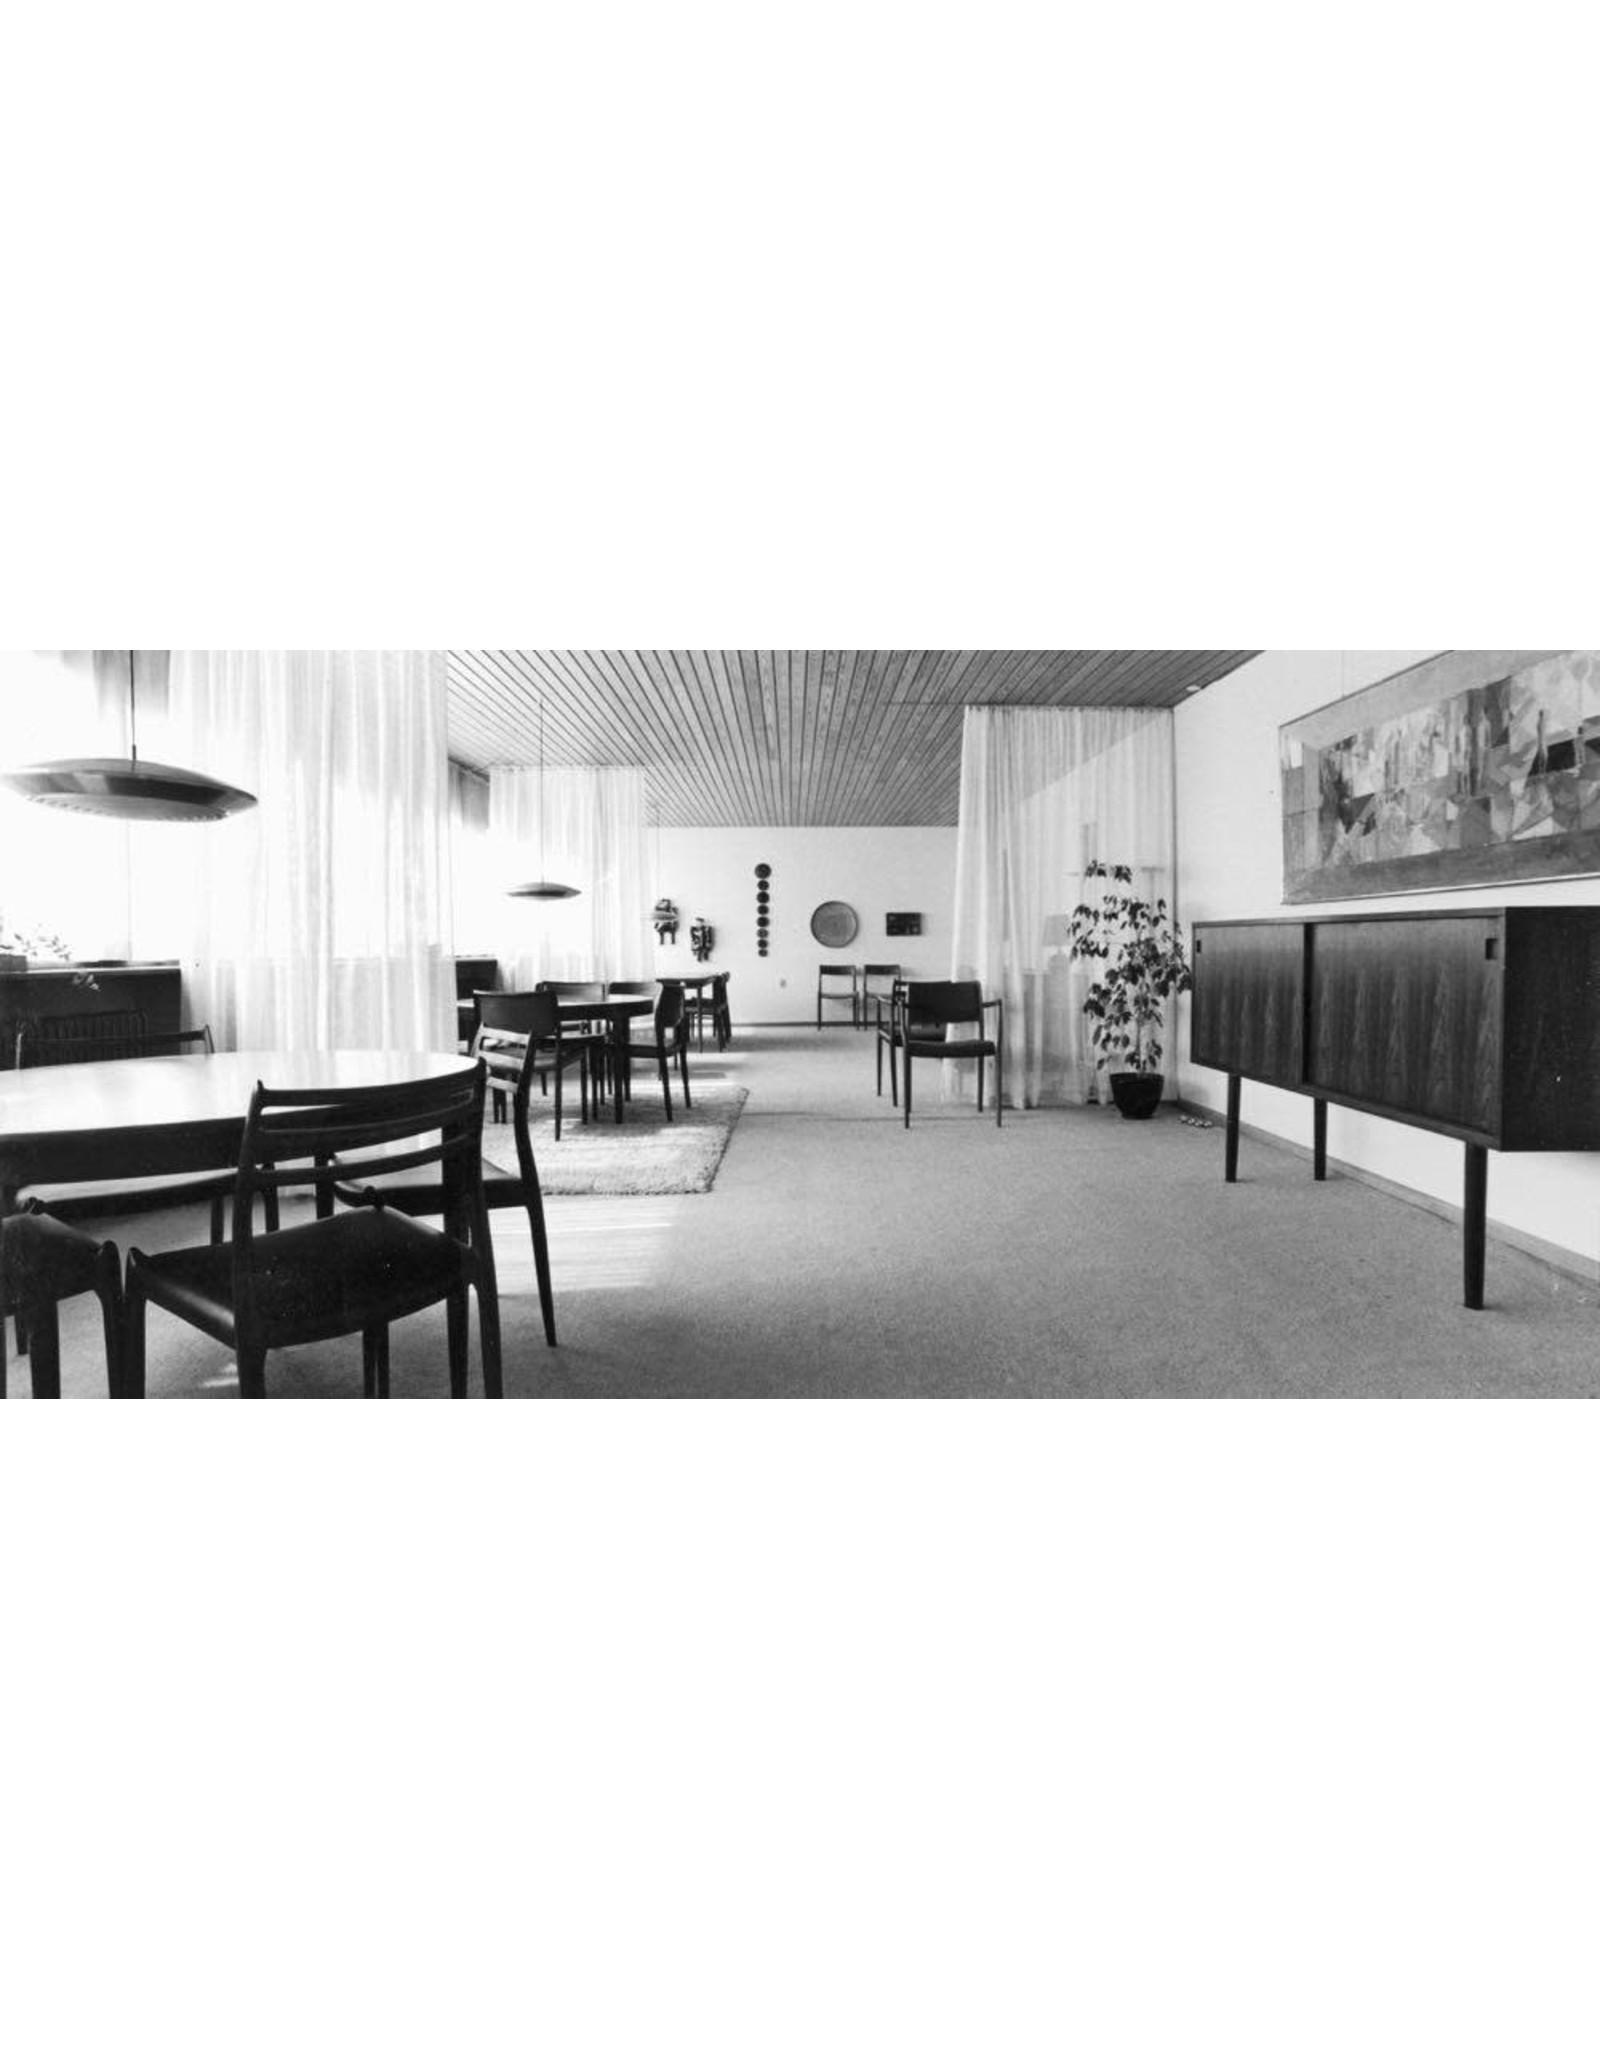 J.L. MØLLERS MODEL 78 MOLLER CHAIR IN WALNUT